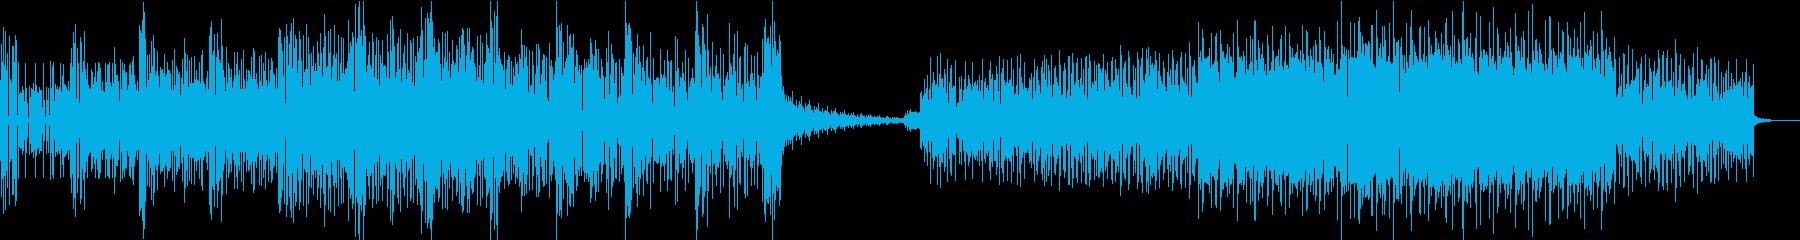 近未来的 未知なるワクワク感の再生済みの波形